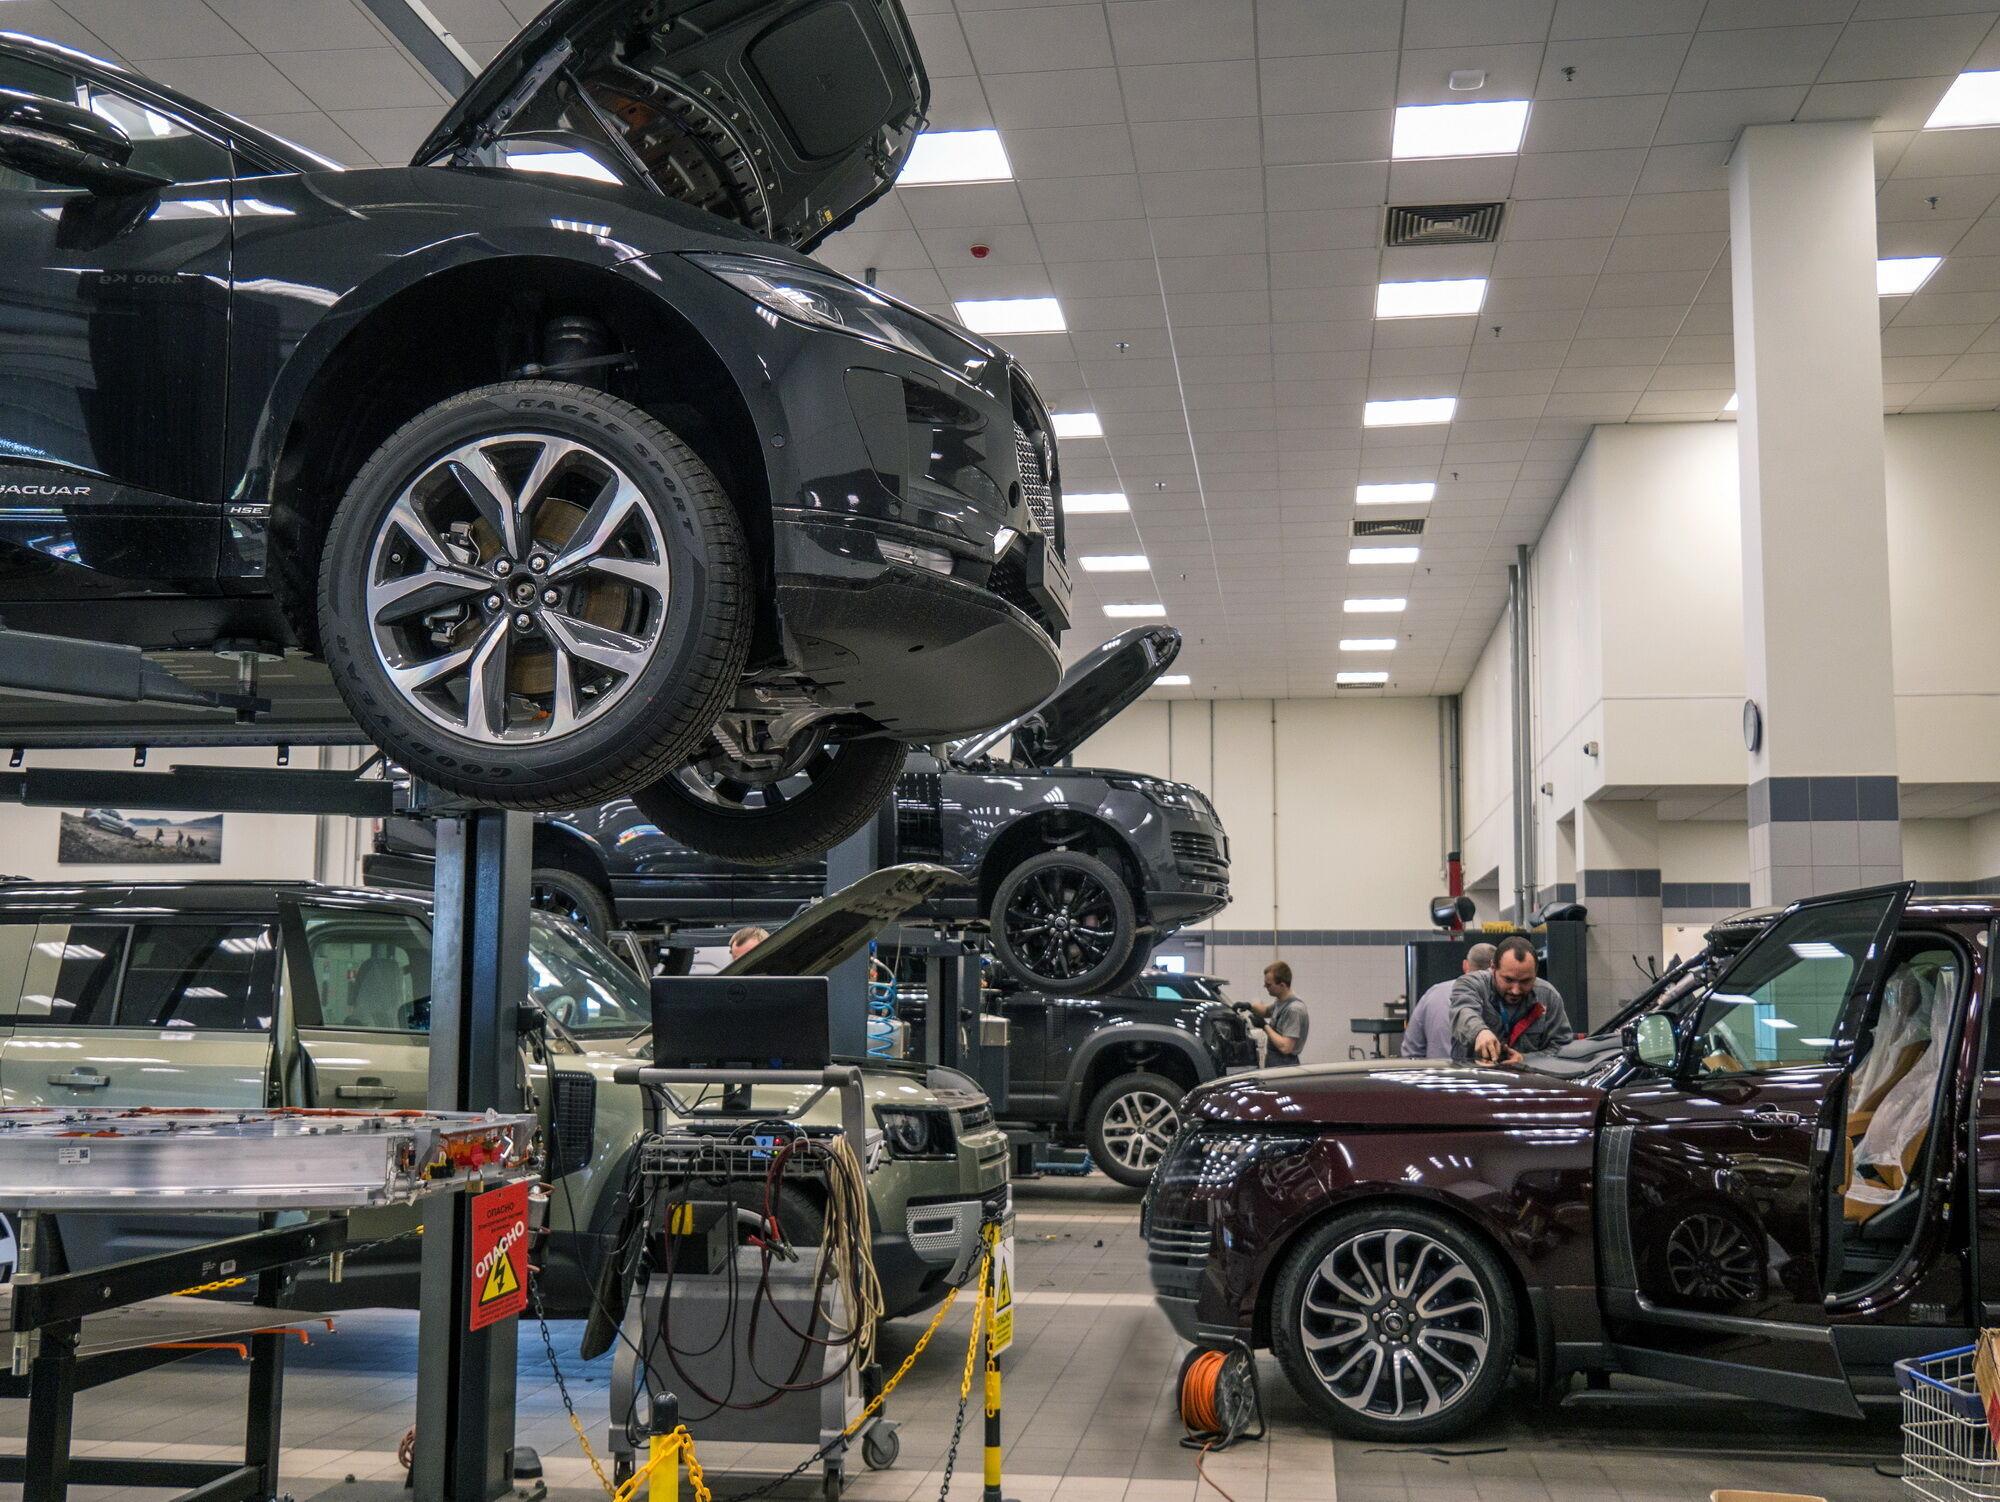 Официальный сервис – идеальное место для обслуживания и ремонта автомобиля